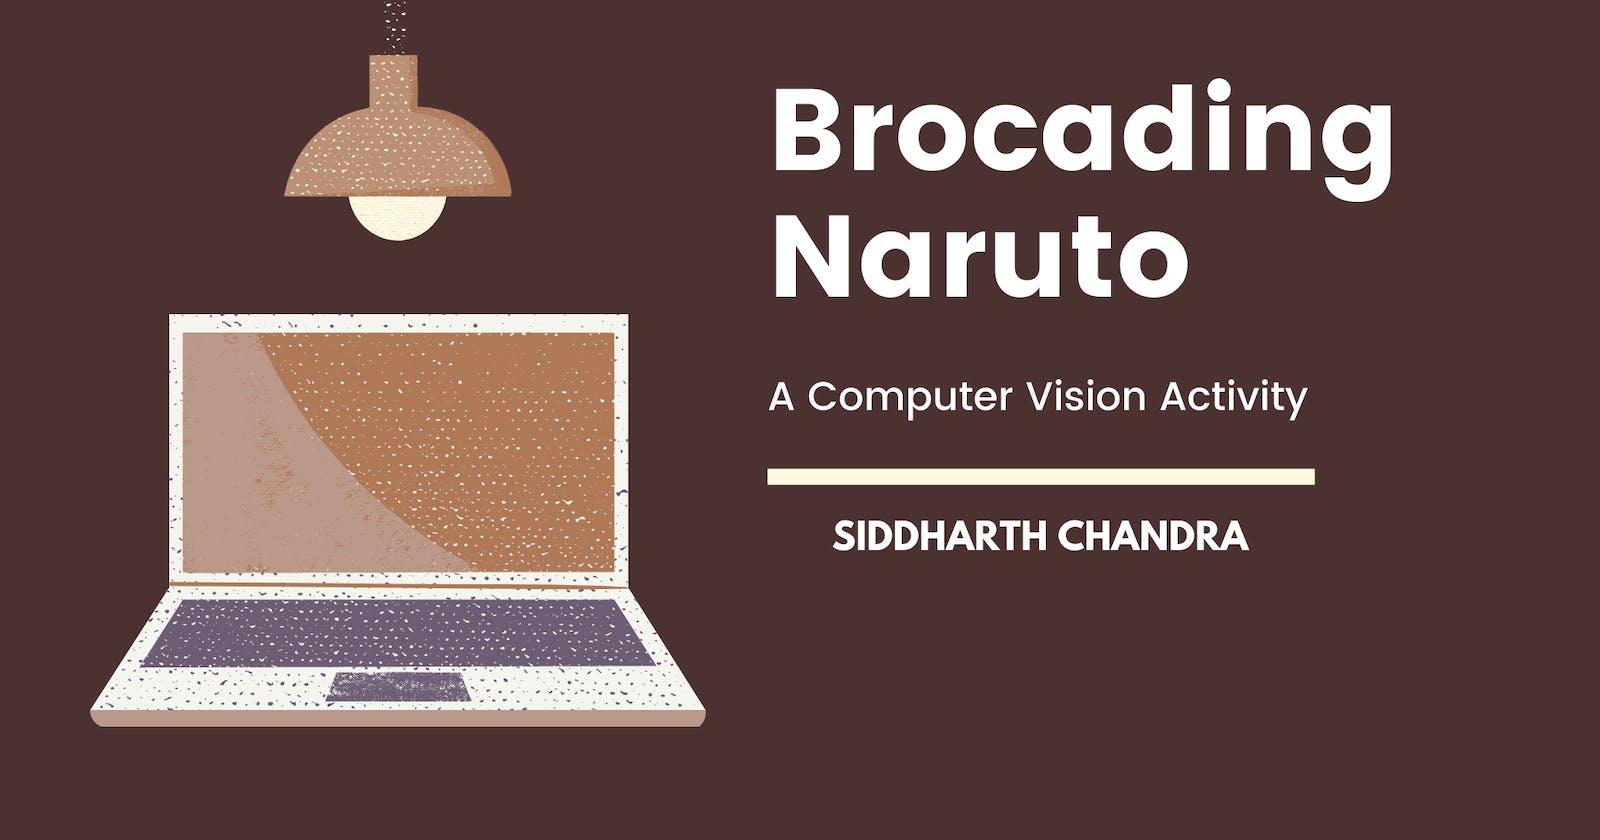 Brocading Naruto - A Computer Vision Activity